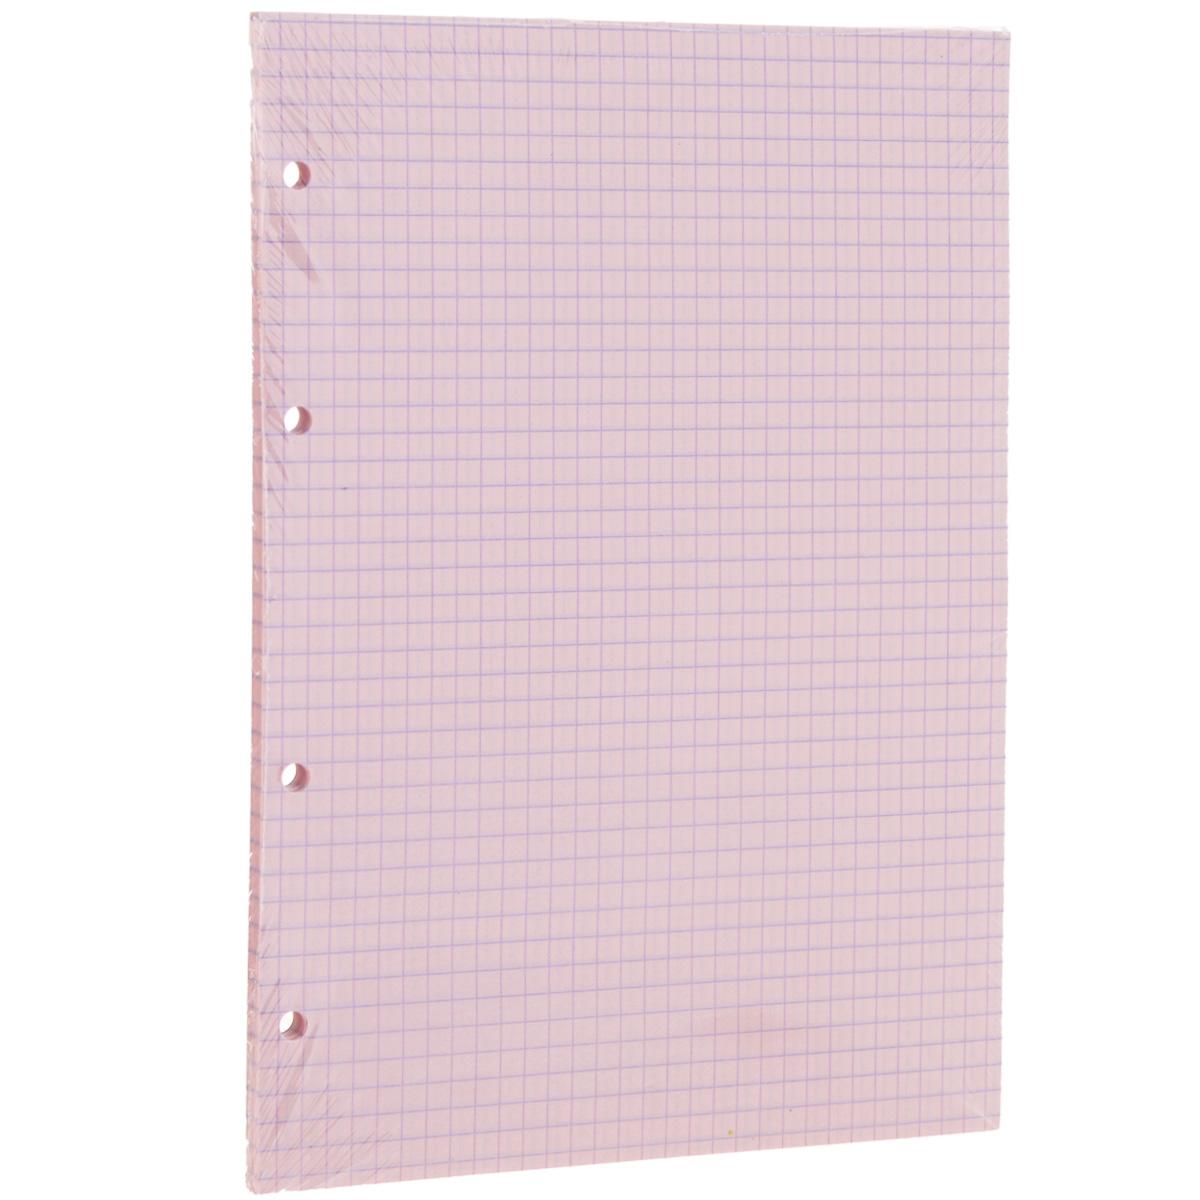 Сменный блок в клетку Erich Krause, для тетрадей на кольцах, цвет: розовый, 80 листов32990Сменный блок Erich Krause предназначен для тетрадей с кольцевым механизмом. Листы выполнены из бумаги розового цвета в голубую клетку.